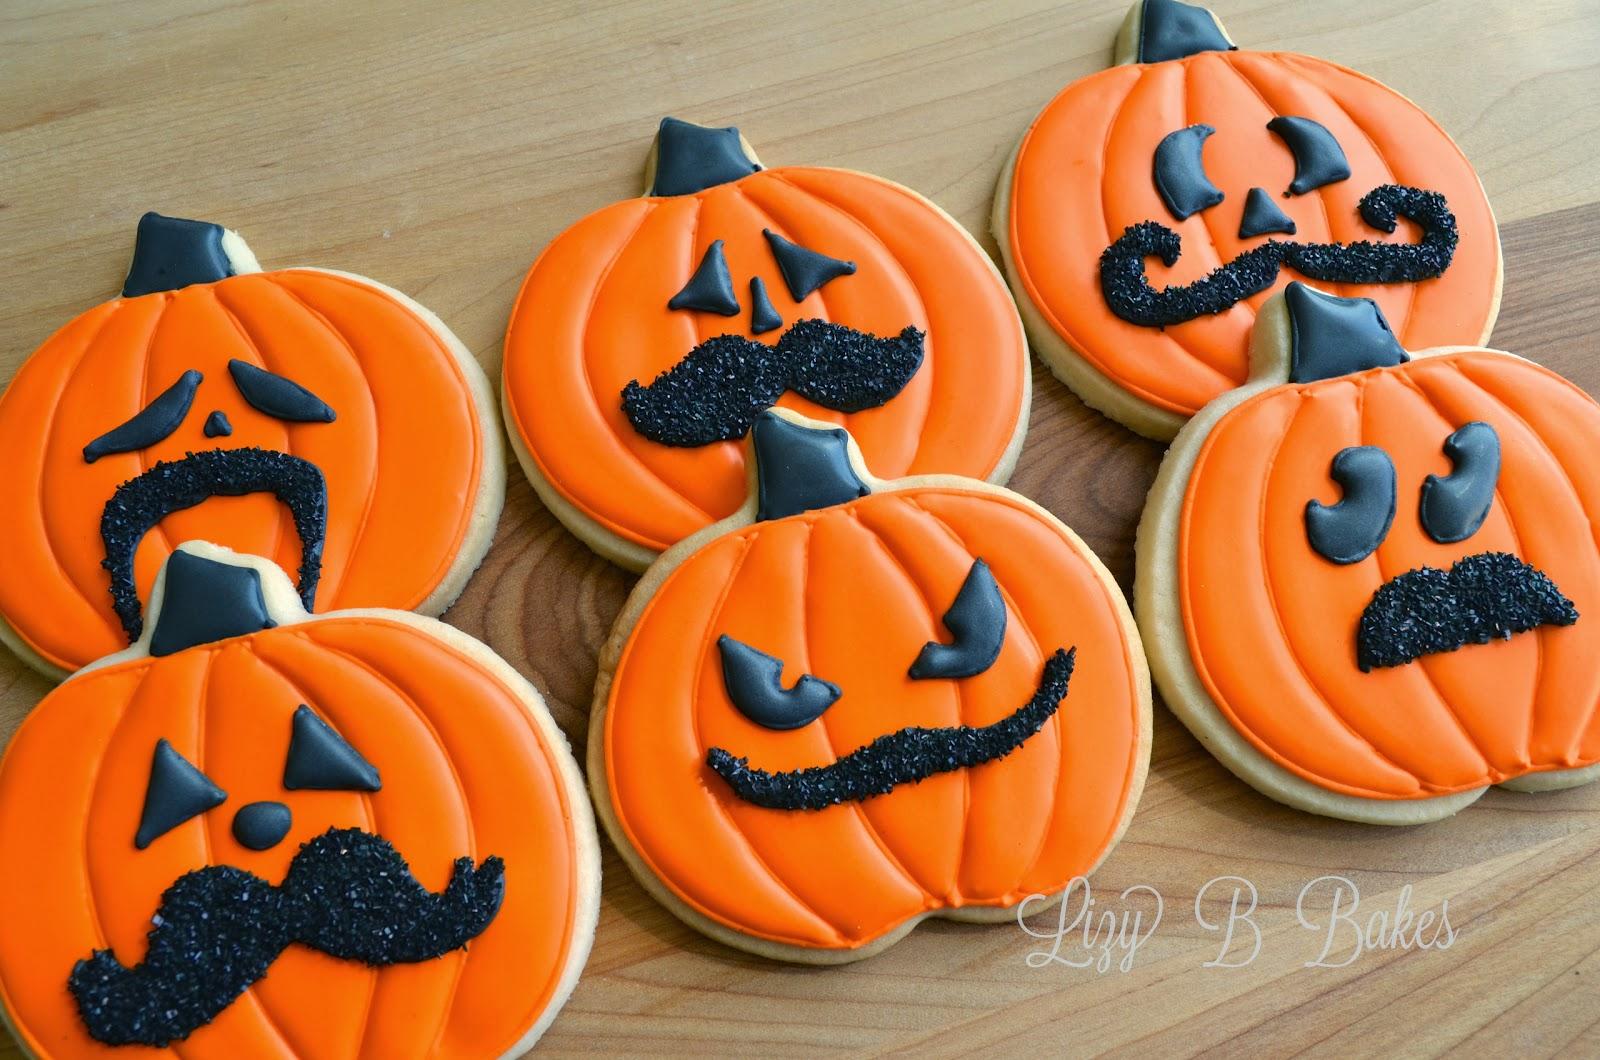 Lizy B: Halloween Mustache Cookies!